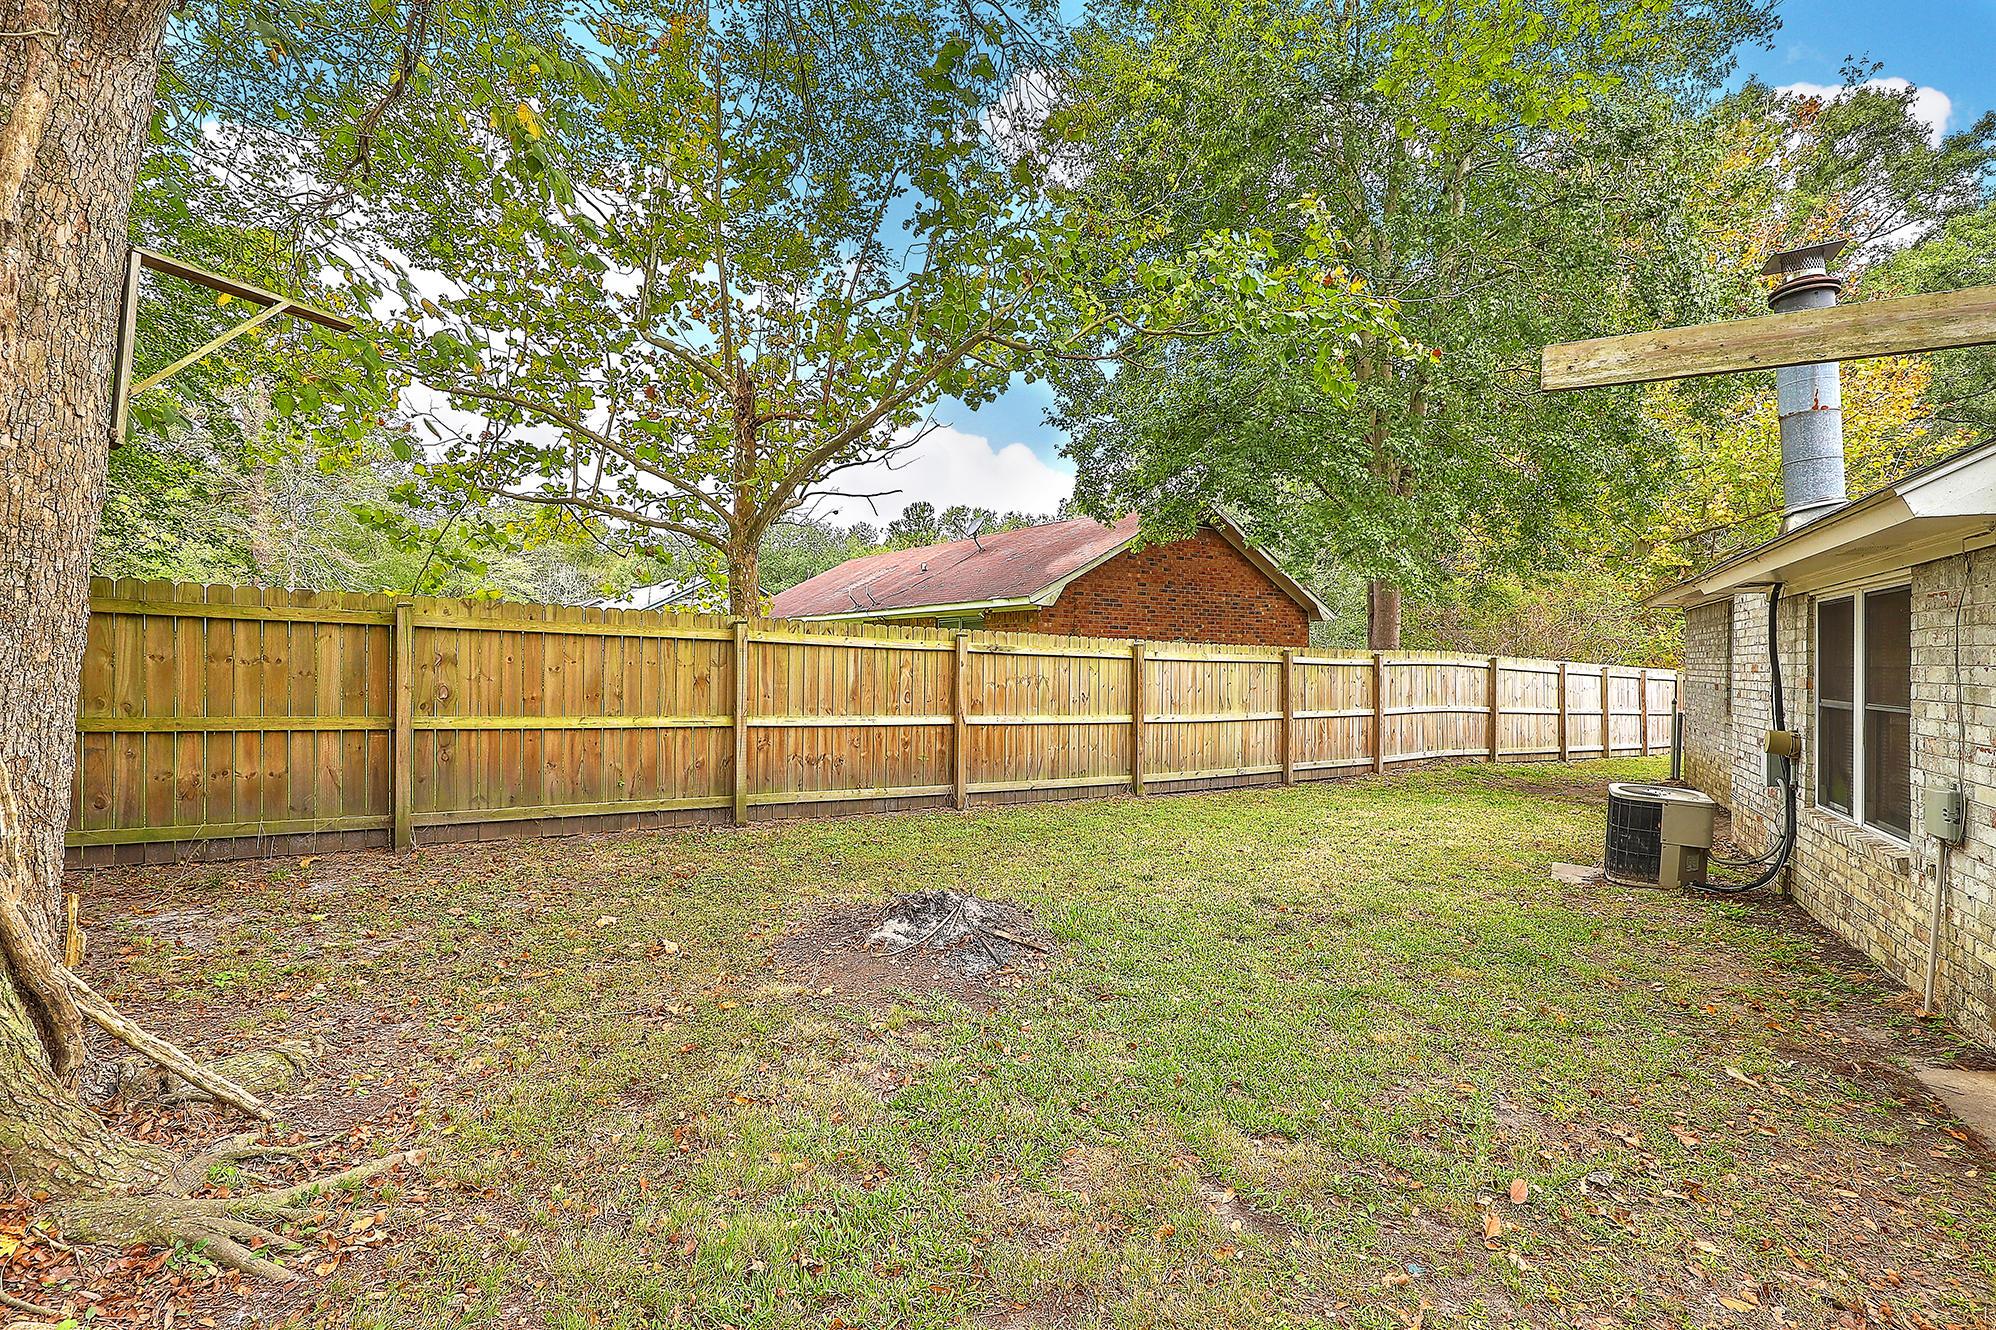 Willowbrook I Homes For Sale - 37 Delaware, Goose Creek, SC - 4